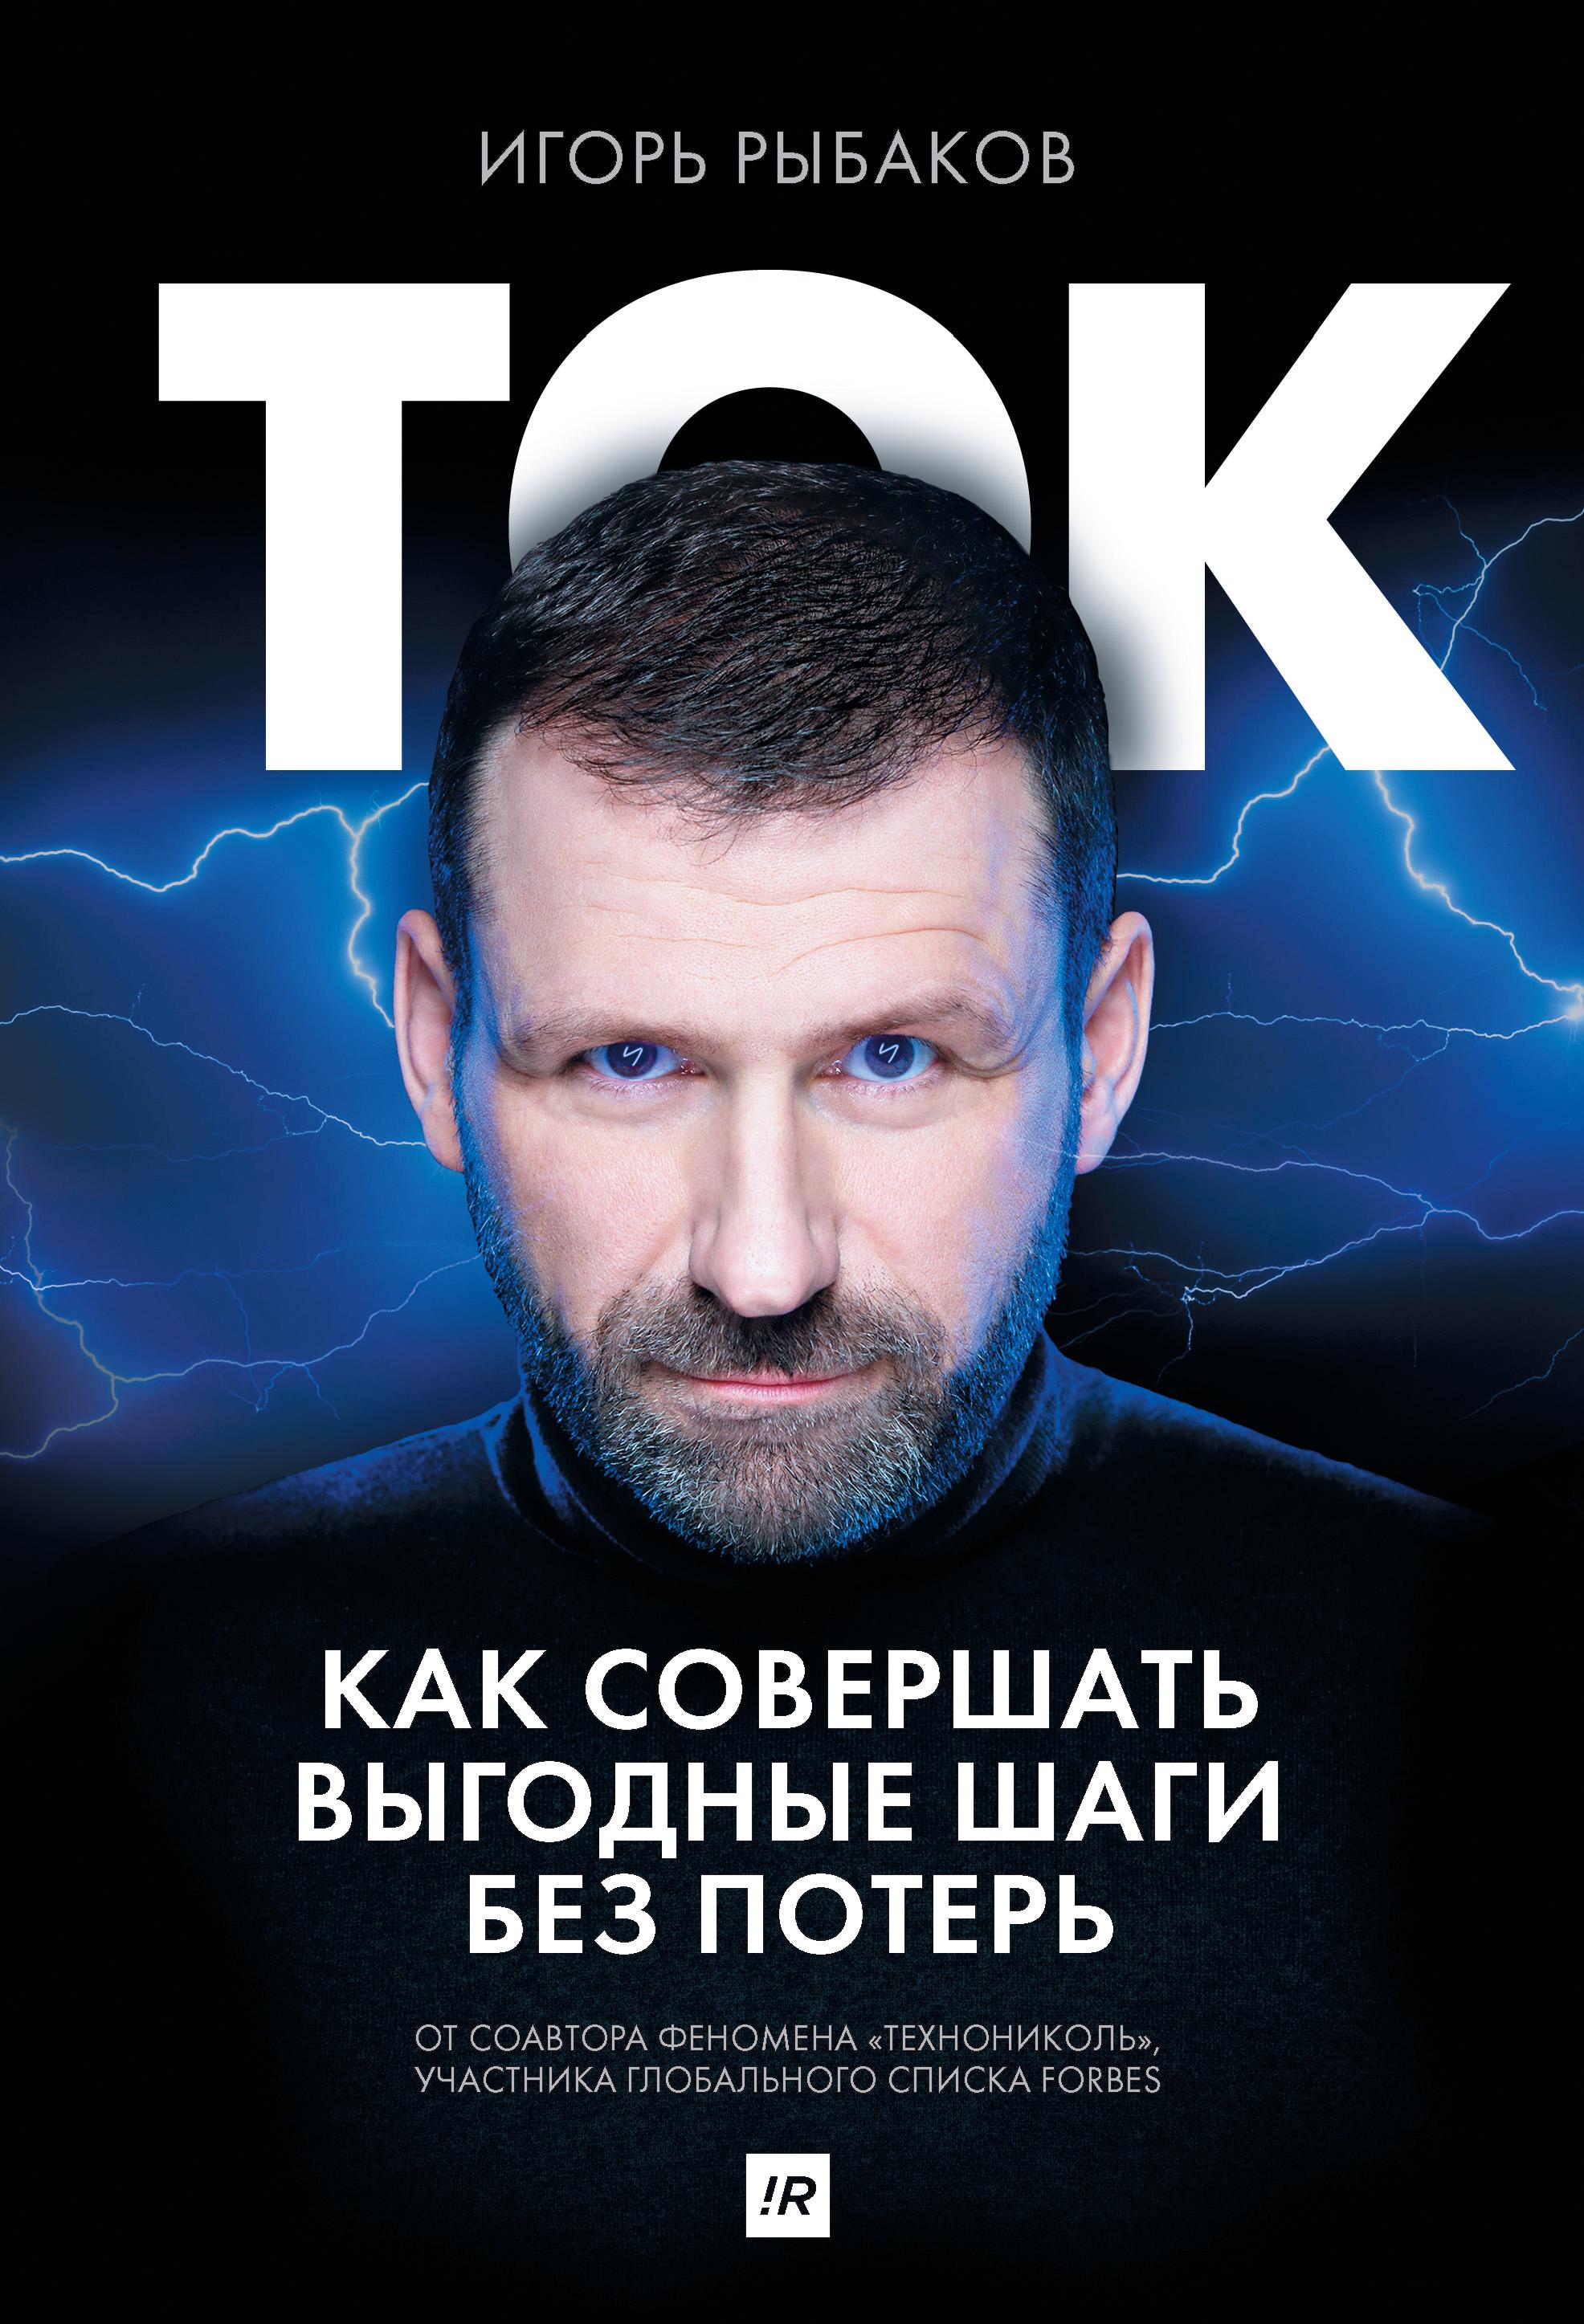 Игорь Рыбаков - Ток. Как совершать выгодные шаги без потерь